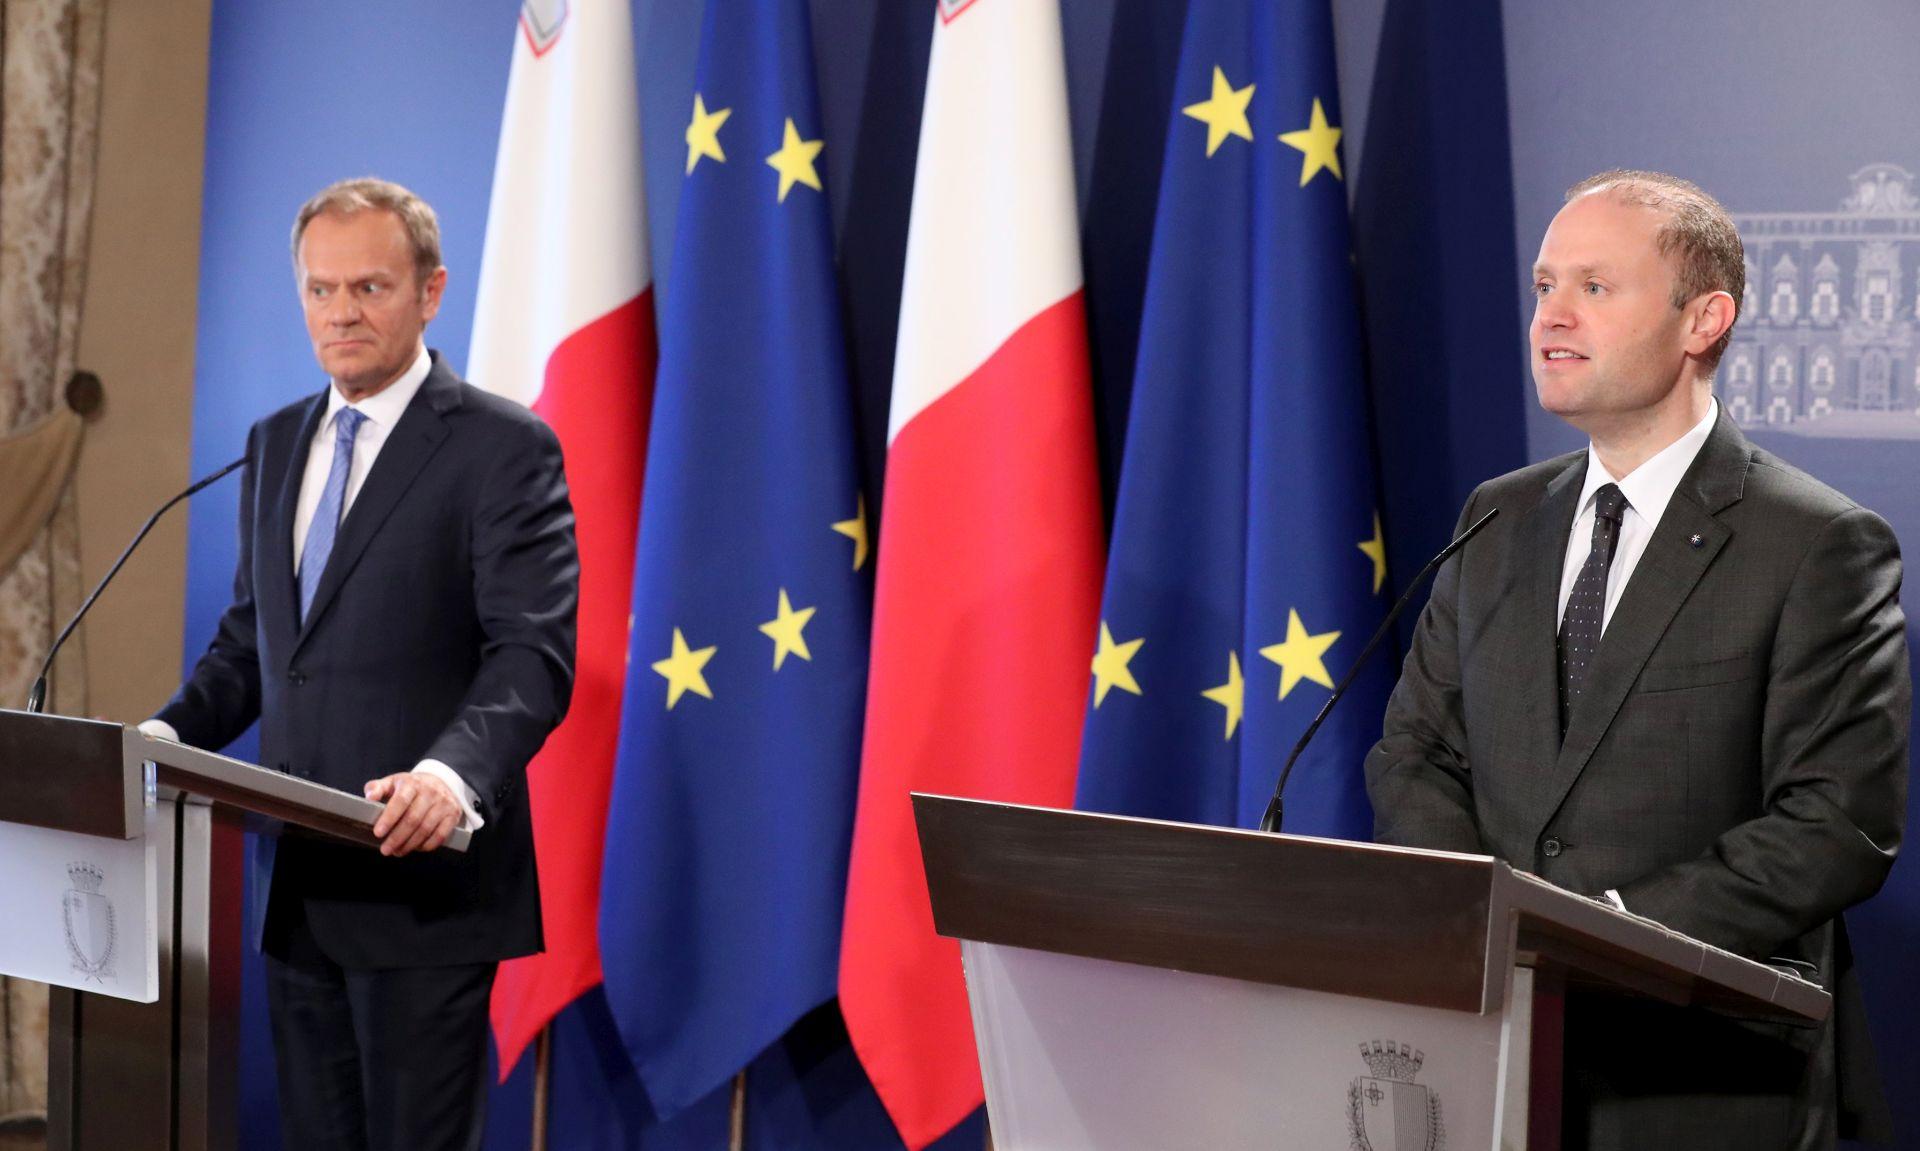 TUSK Nema paralelnih pregovora o razdruživanju i budućim odnosima s Velikom Britanijom